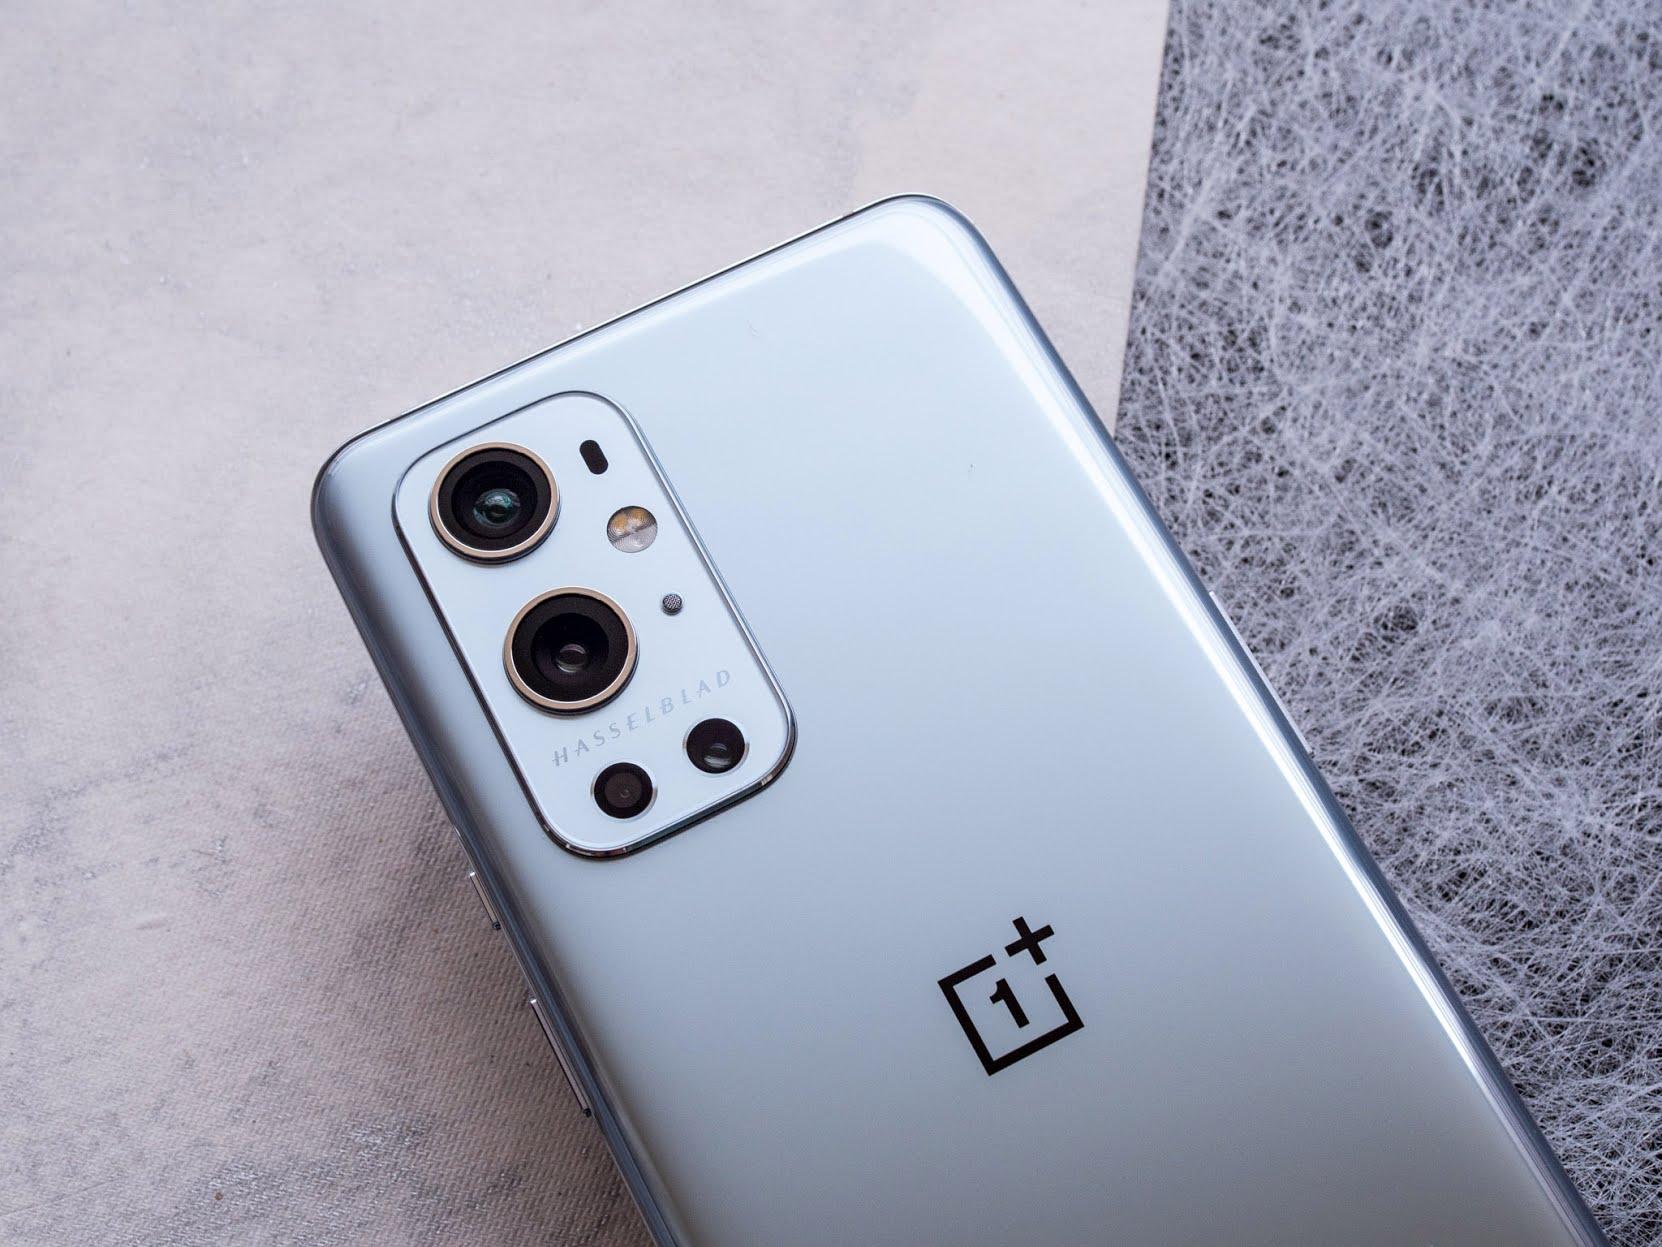 Sforum - Trang thông tin công nghệ mới nhất oneplus-9-pro-8 Cận cảnh OnePlus 9 Pro: Thiết kế vẫn đậm chất OnePlus, camera Hasselblad, hiệu năng top 1 phân khúc, giá 1069 USD